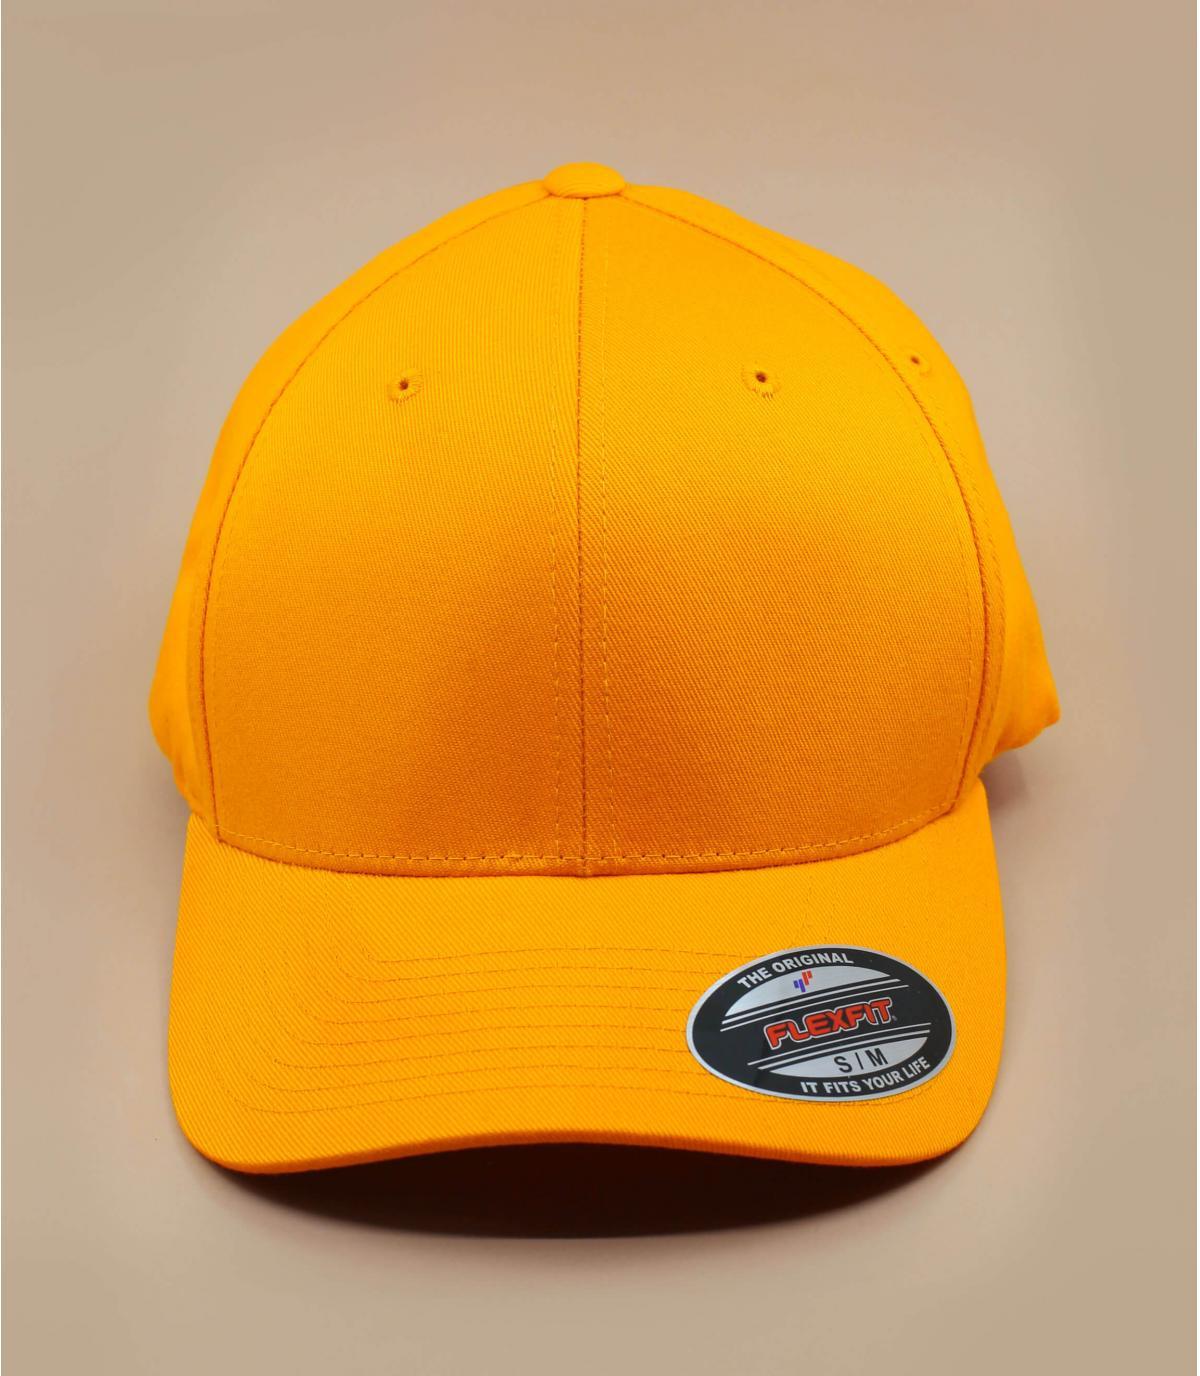 Détails Flexfit cap yellow - image 2